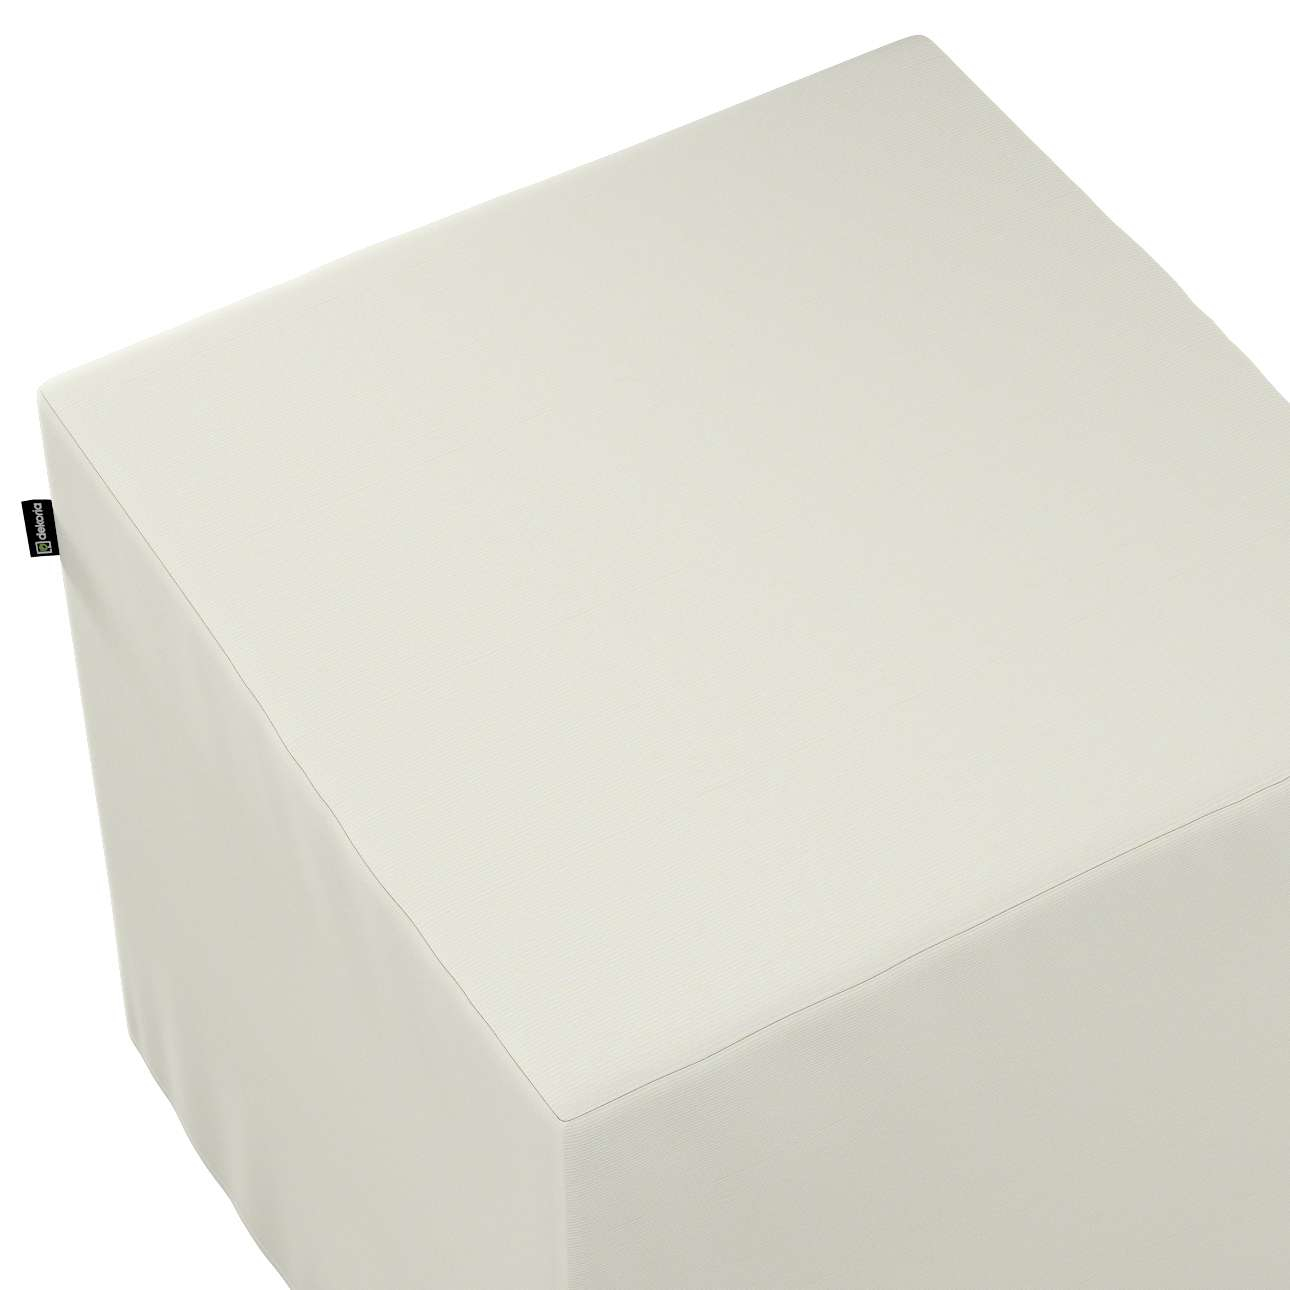 Sedák Cube - kostka pevná 40x40x40 v kolekci Jupiter, látka: 127-00